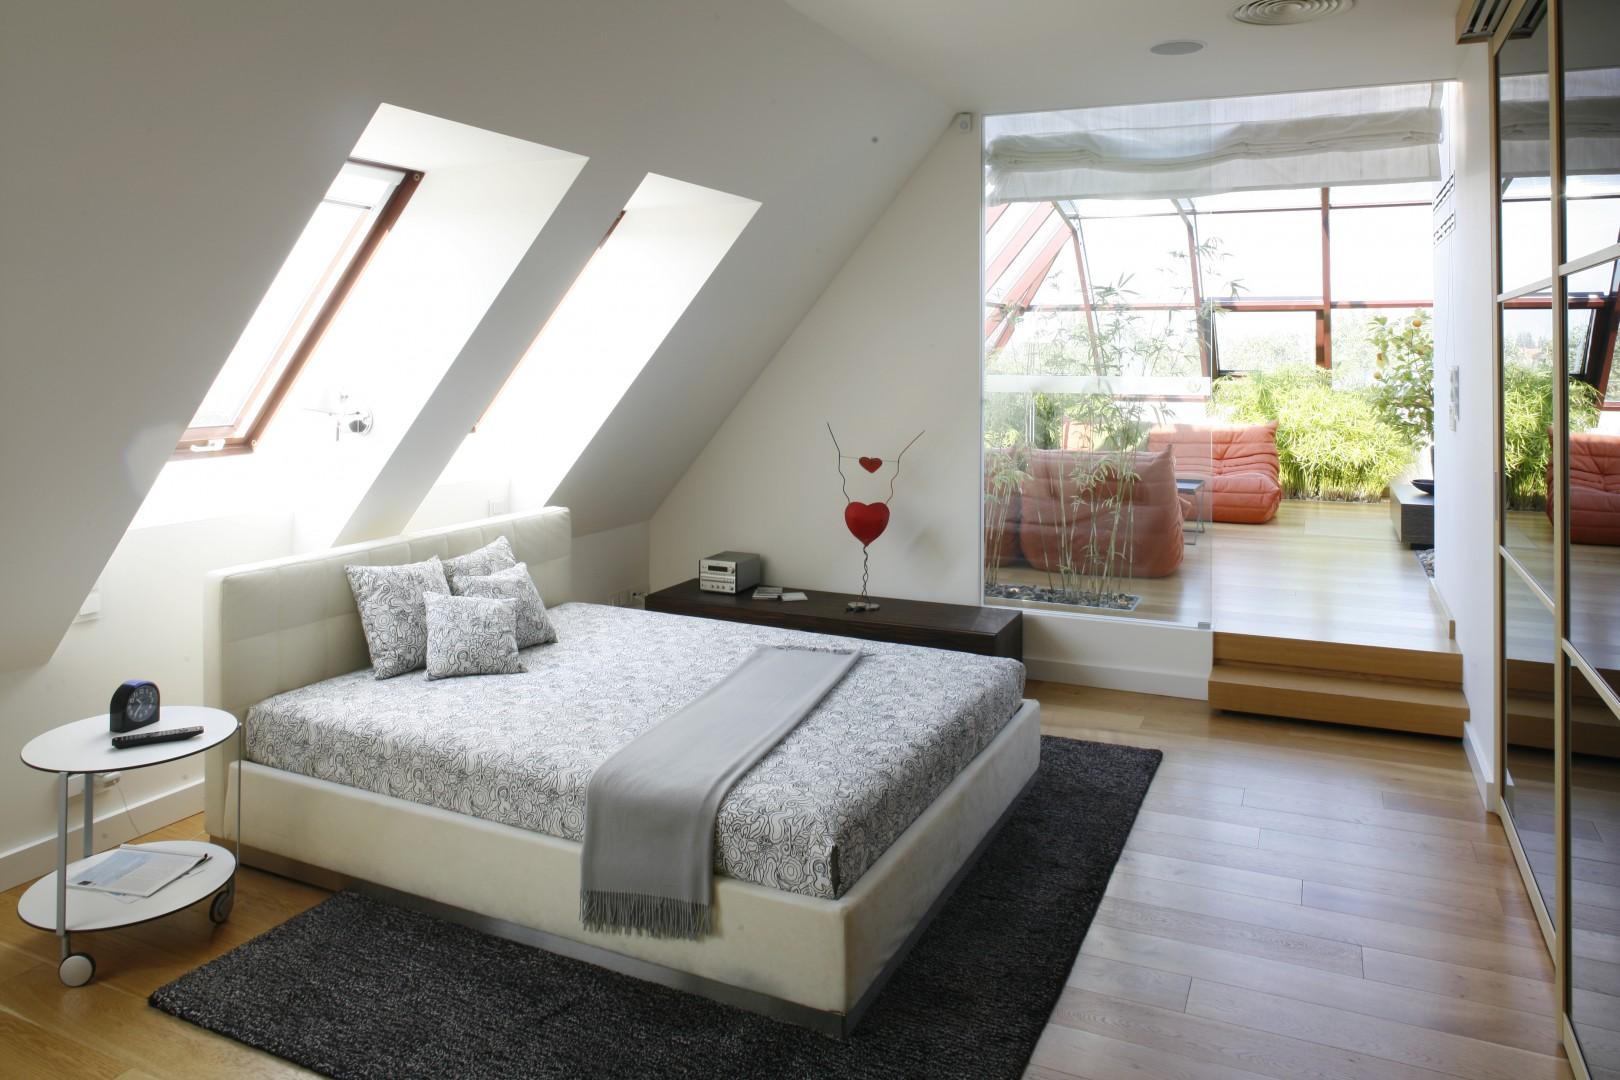 Sypialnia na poddaszu może wyglądać bardzo atrakcyjnie. Projekt: Alina Grzybowska, Konstanty Jeżewski. Fot. Bartosz Jarosz